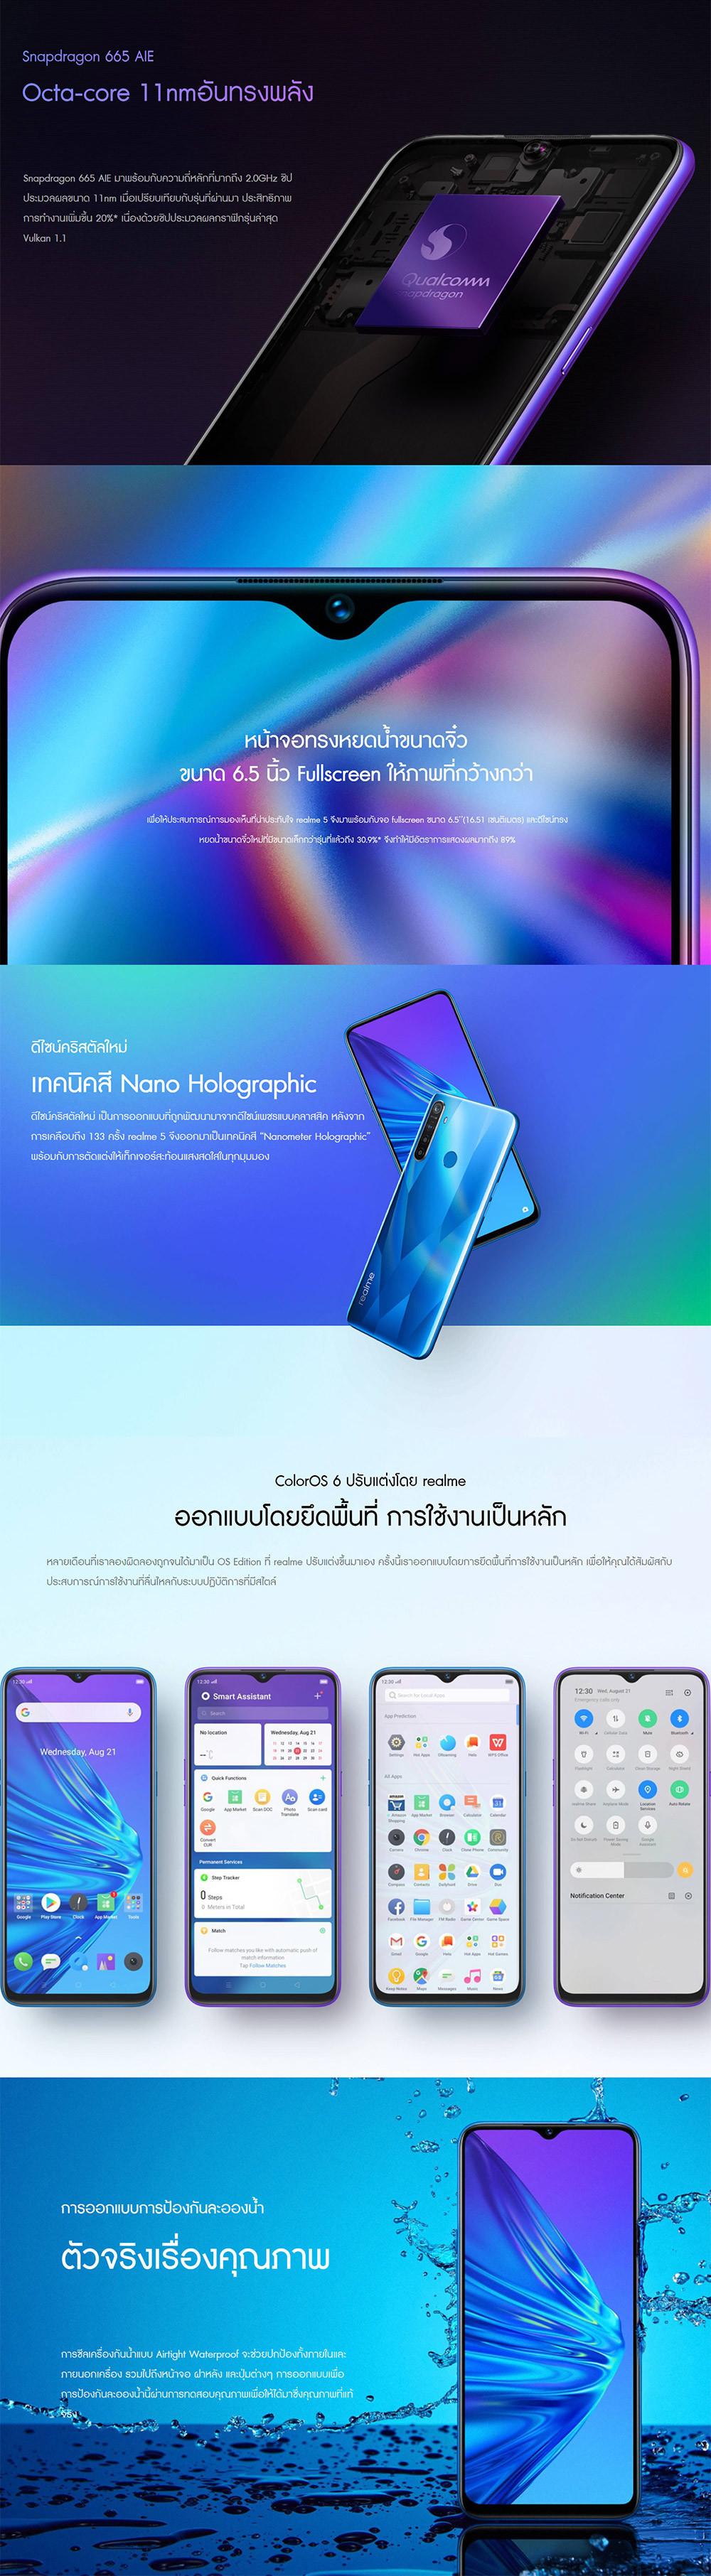 13-14-longpage-1_2.jpg